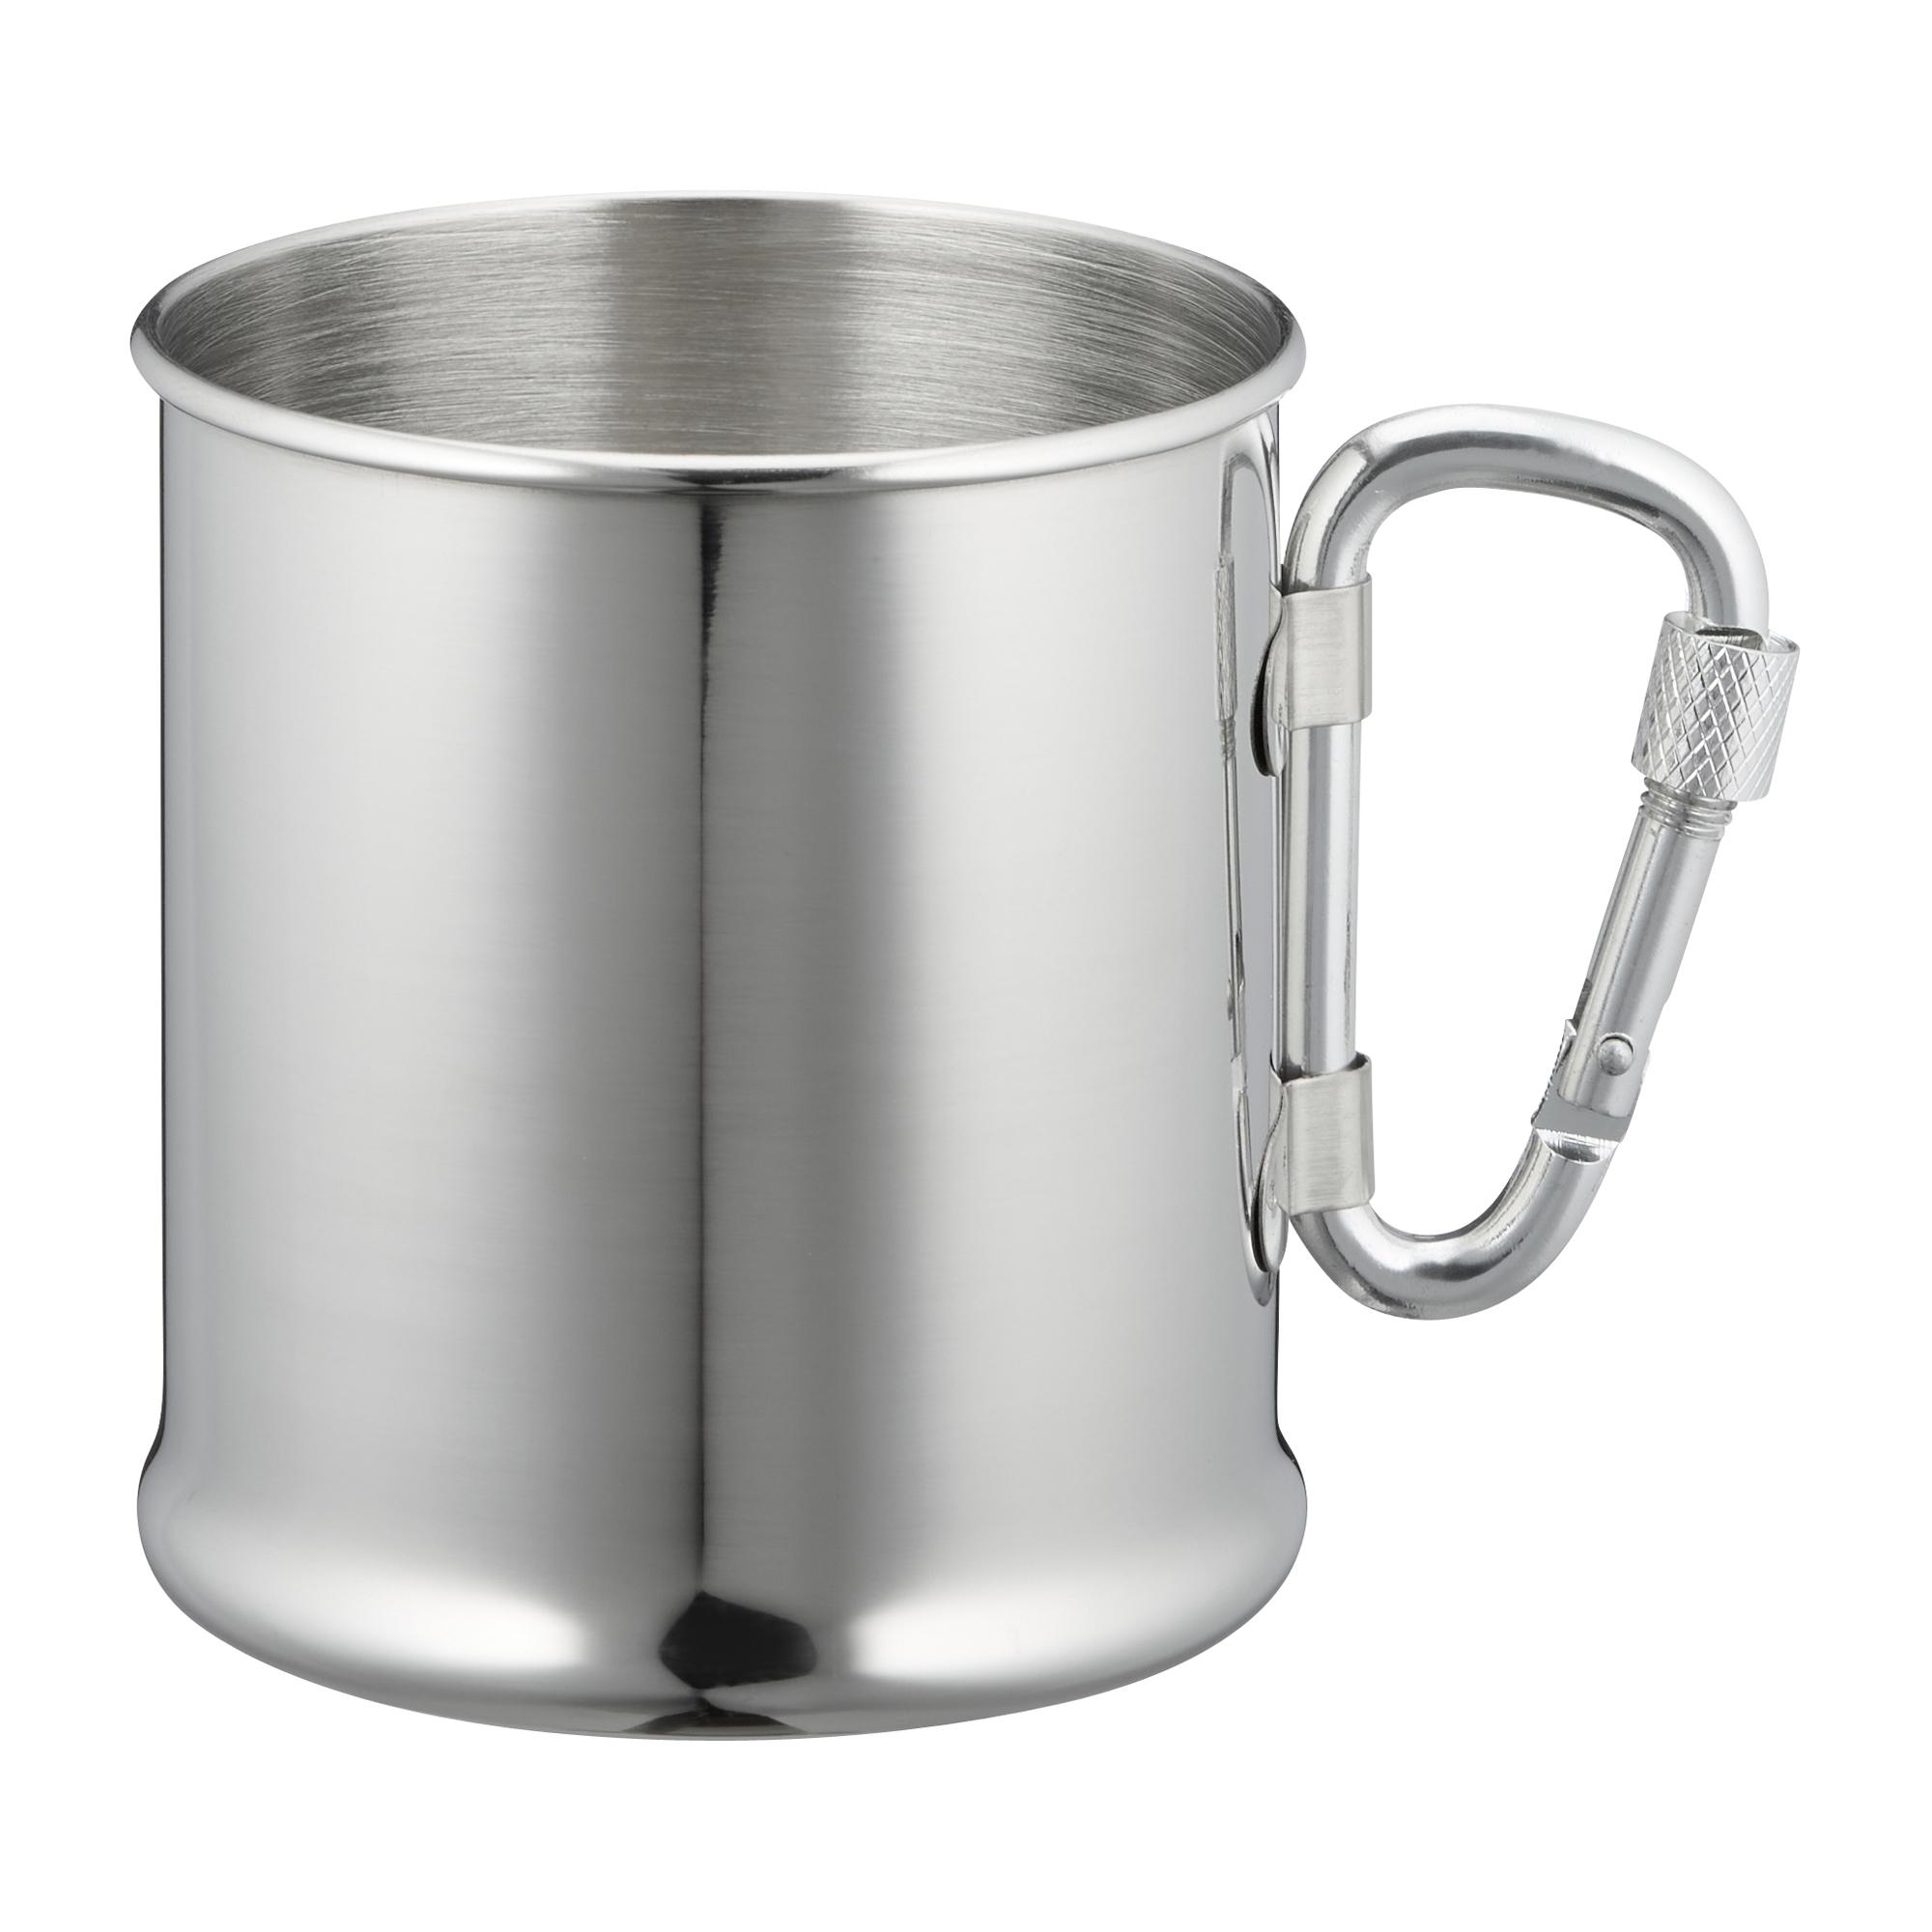 Tazza in acciaio inox con moschettone 220ml bicchieri tazze stoviglie da outdoor cucina - Normativa abbigliamento cucina ...